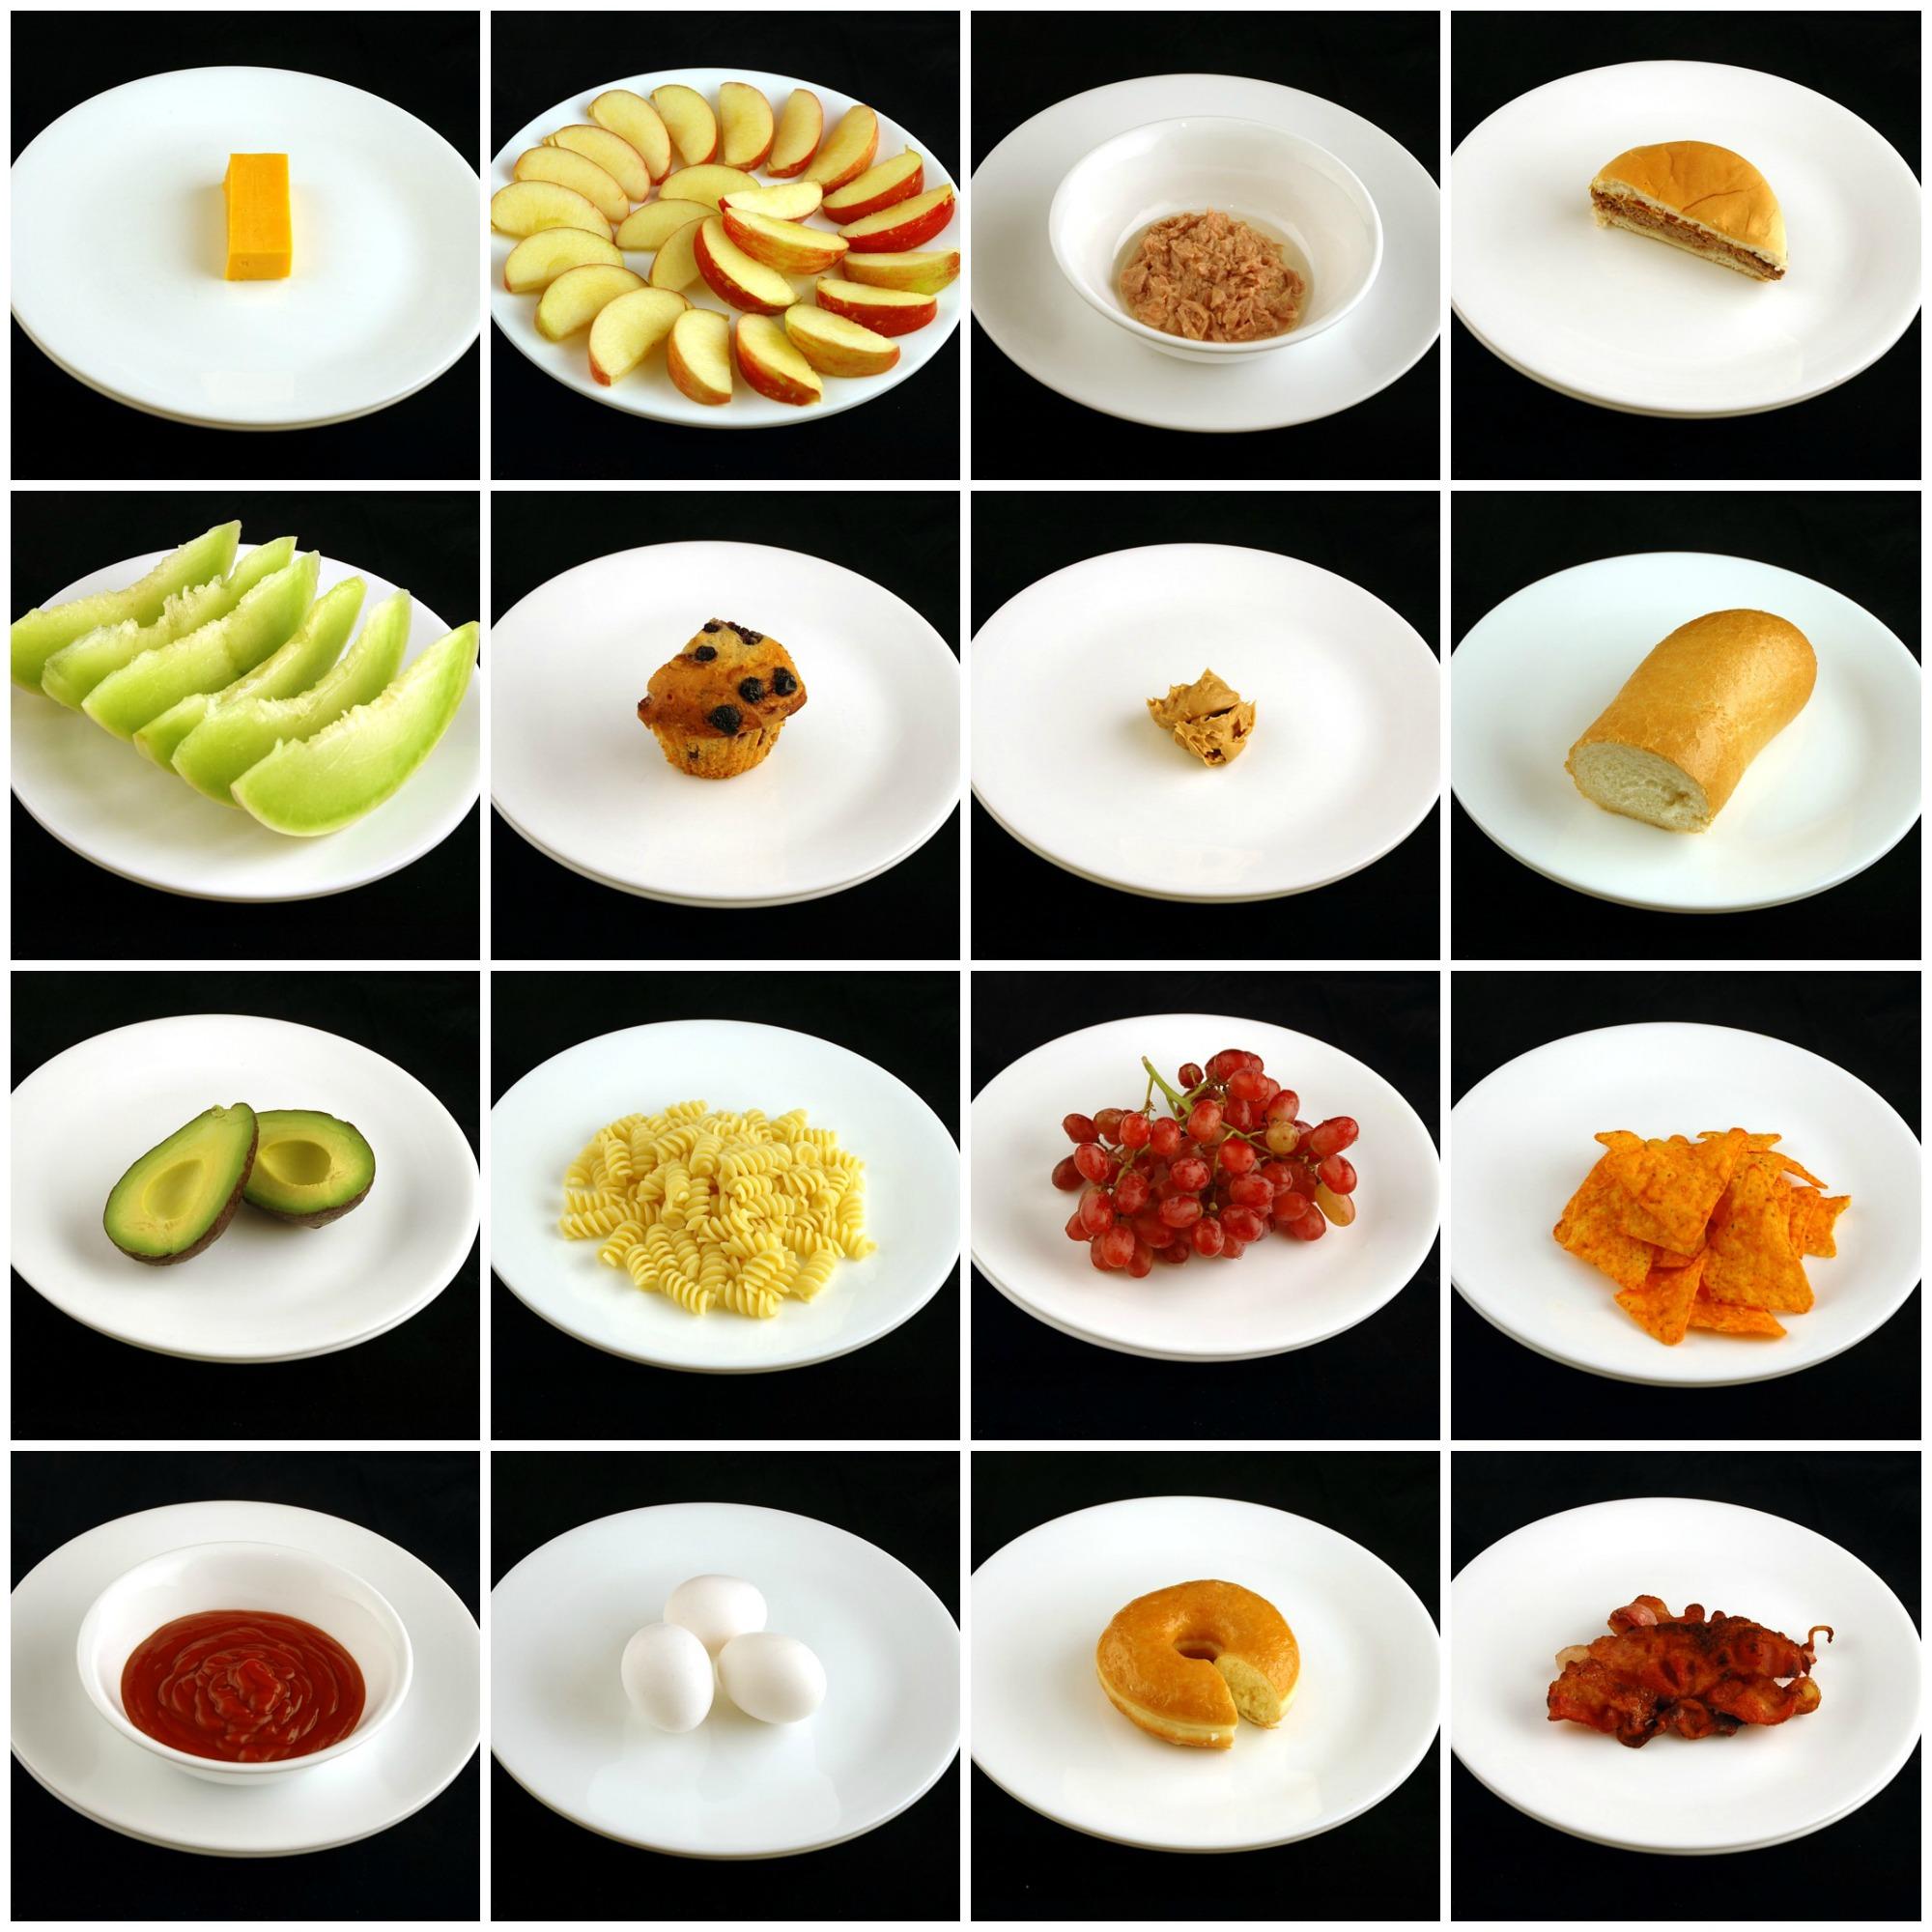 Így néz ki kétszáz kalória különböző ételeken és italokon..